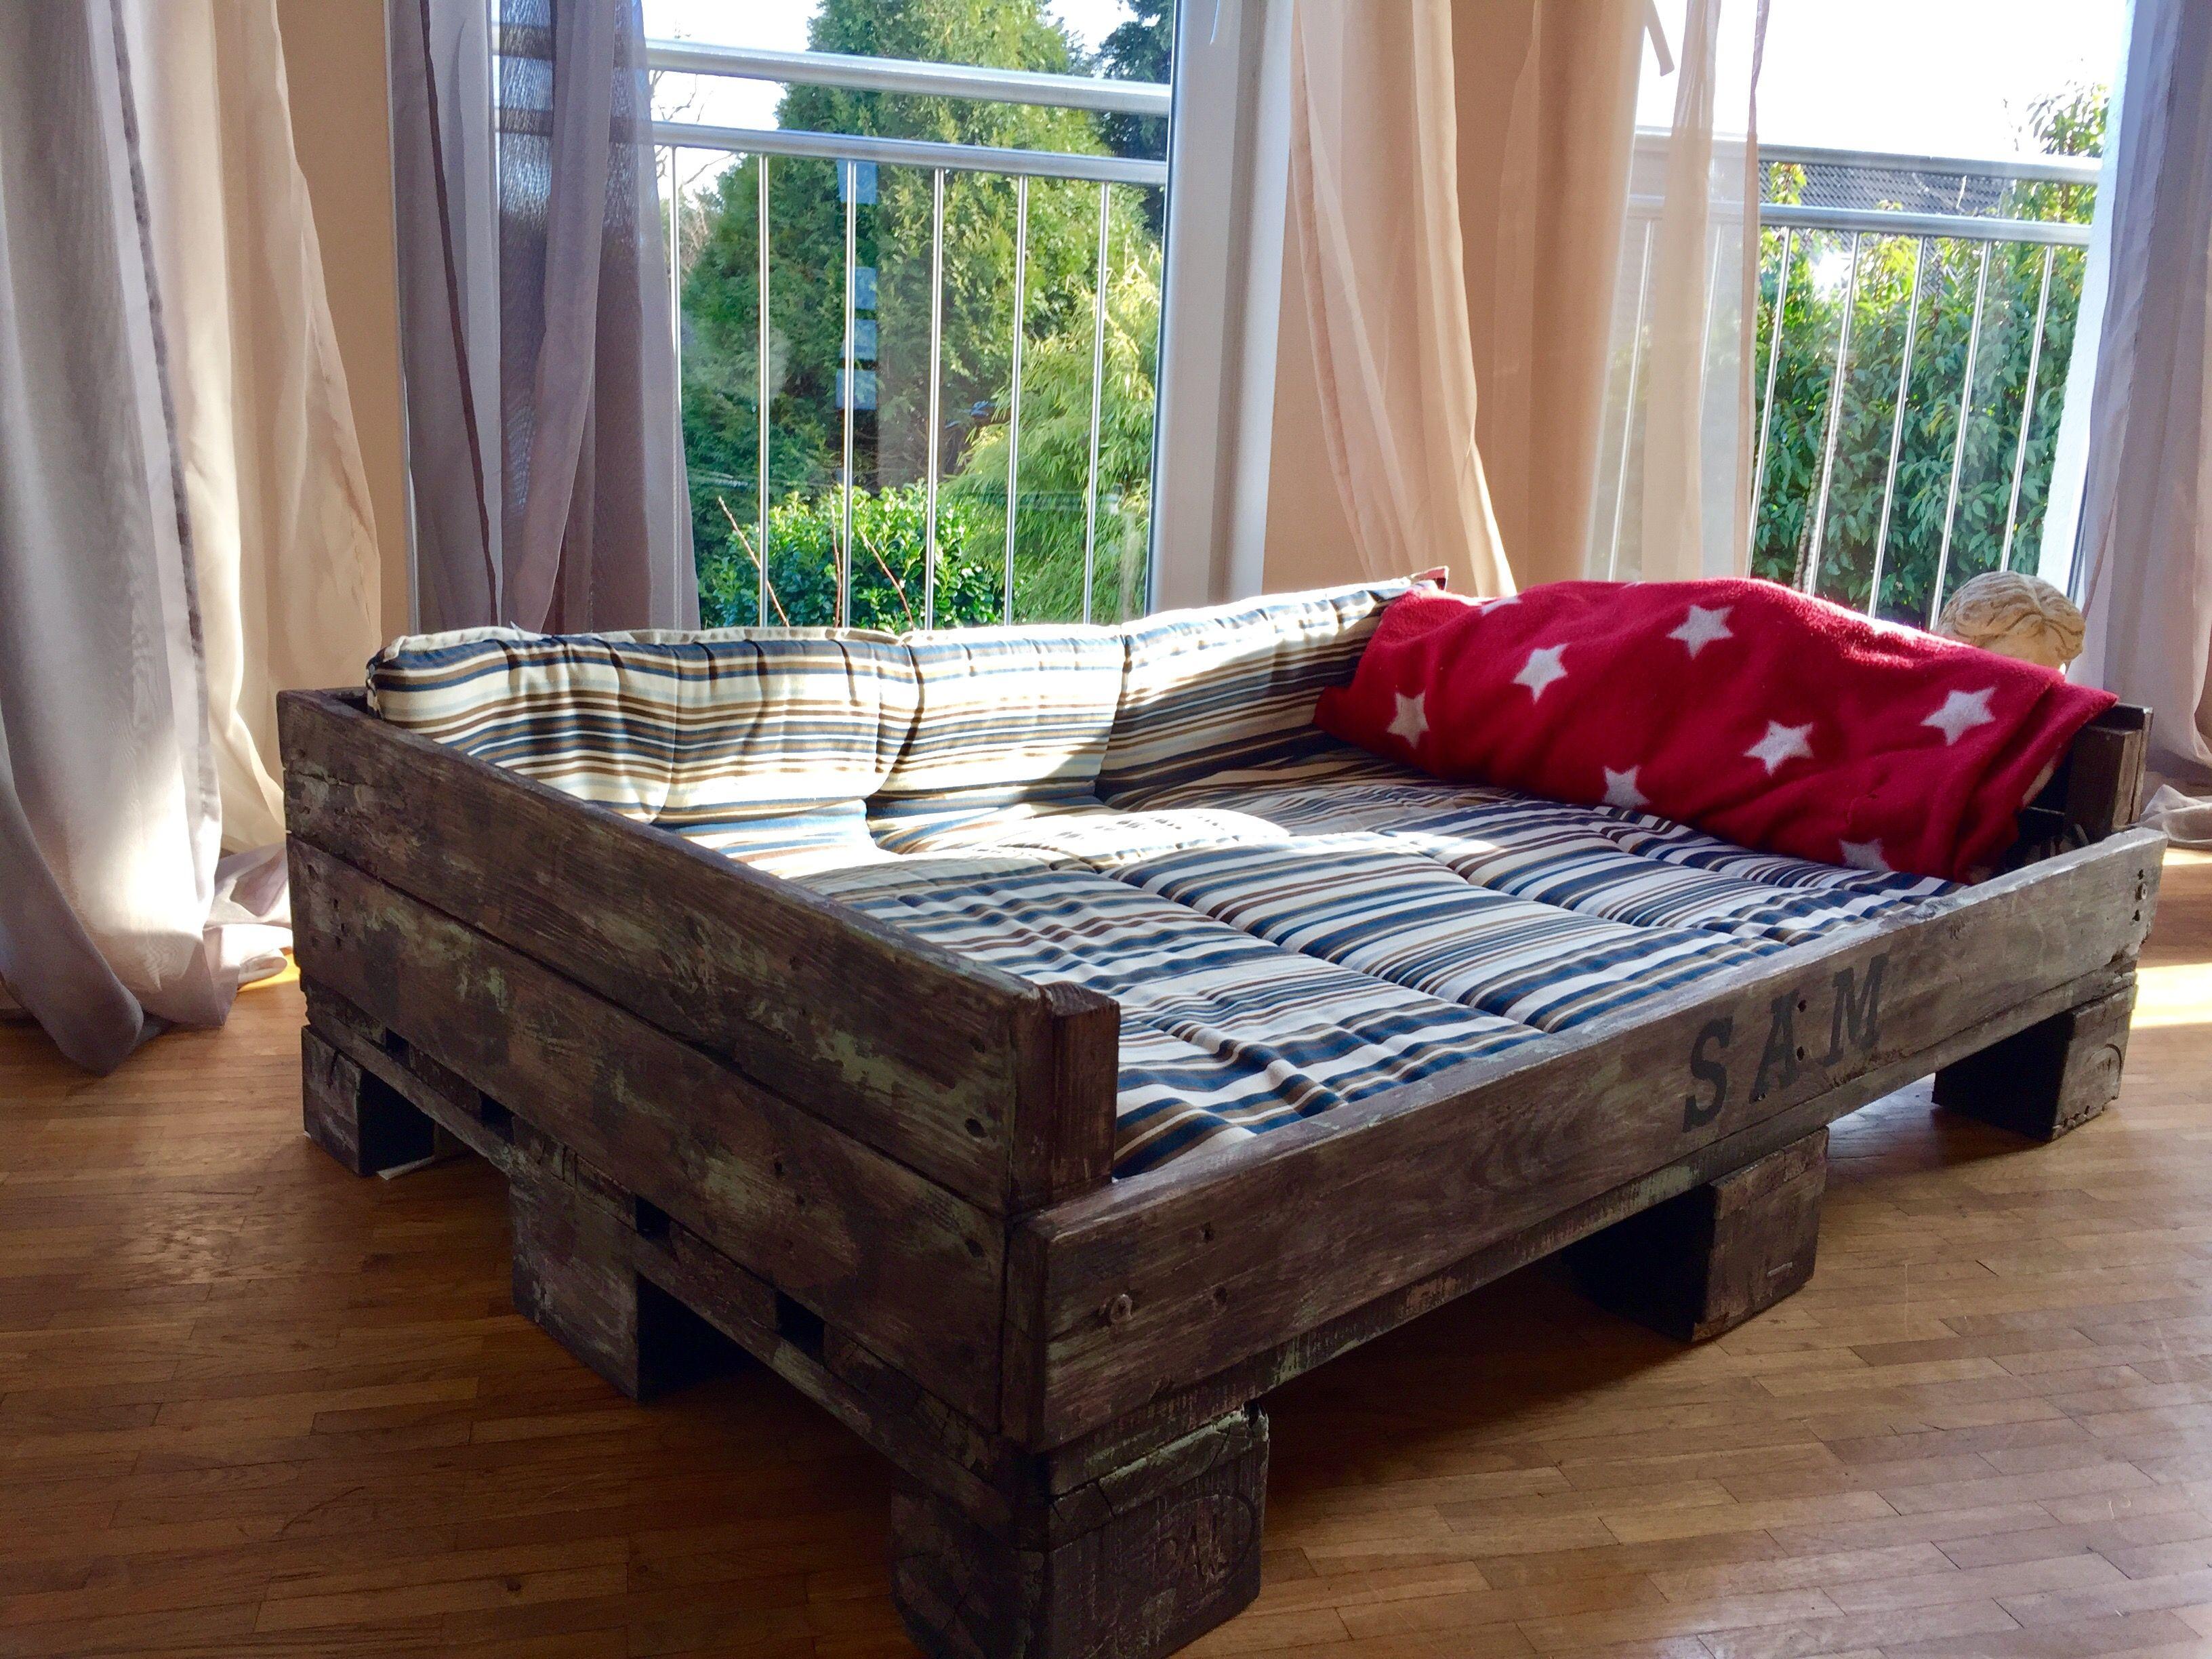 hundebett aus paletten im shabby look hundebett pinterest hunde bett und hundebett. Black Bedroom Furniture Sets. Home Design Ideas